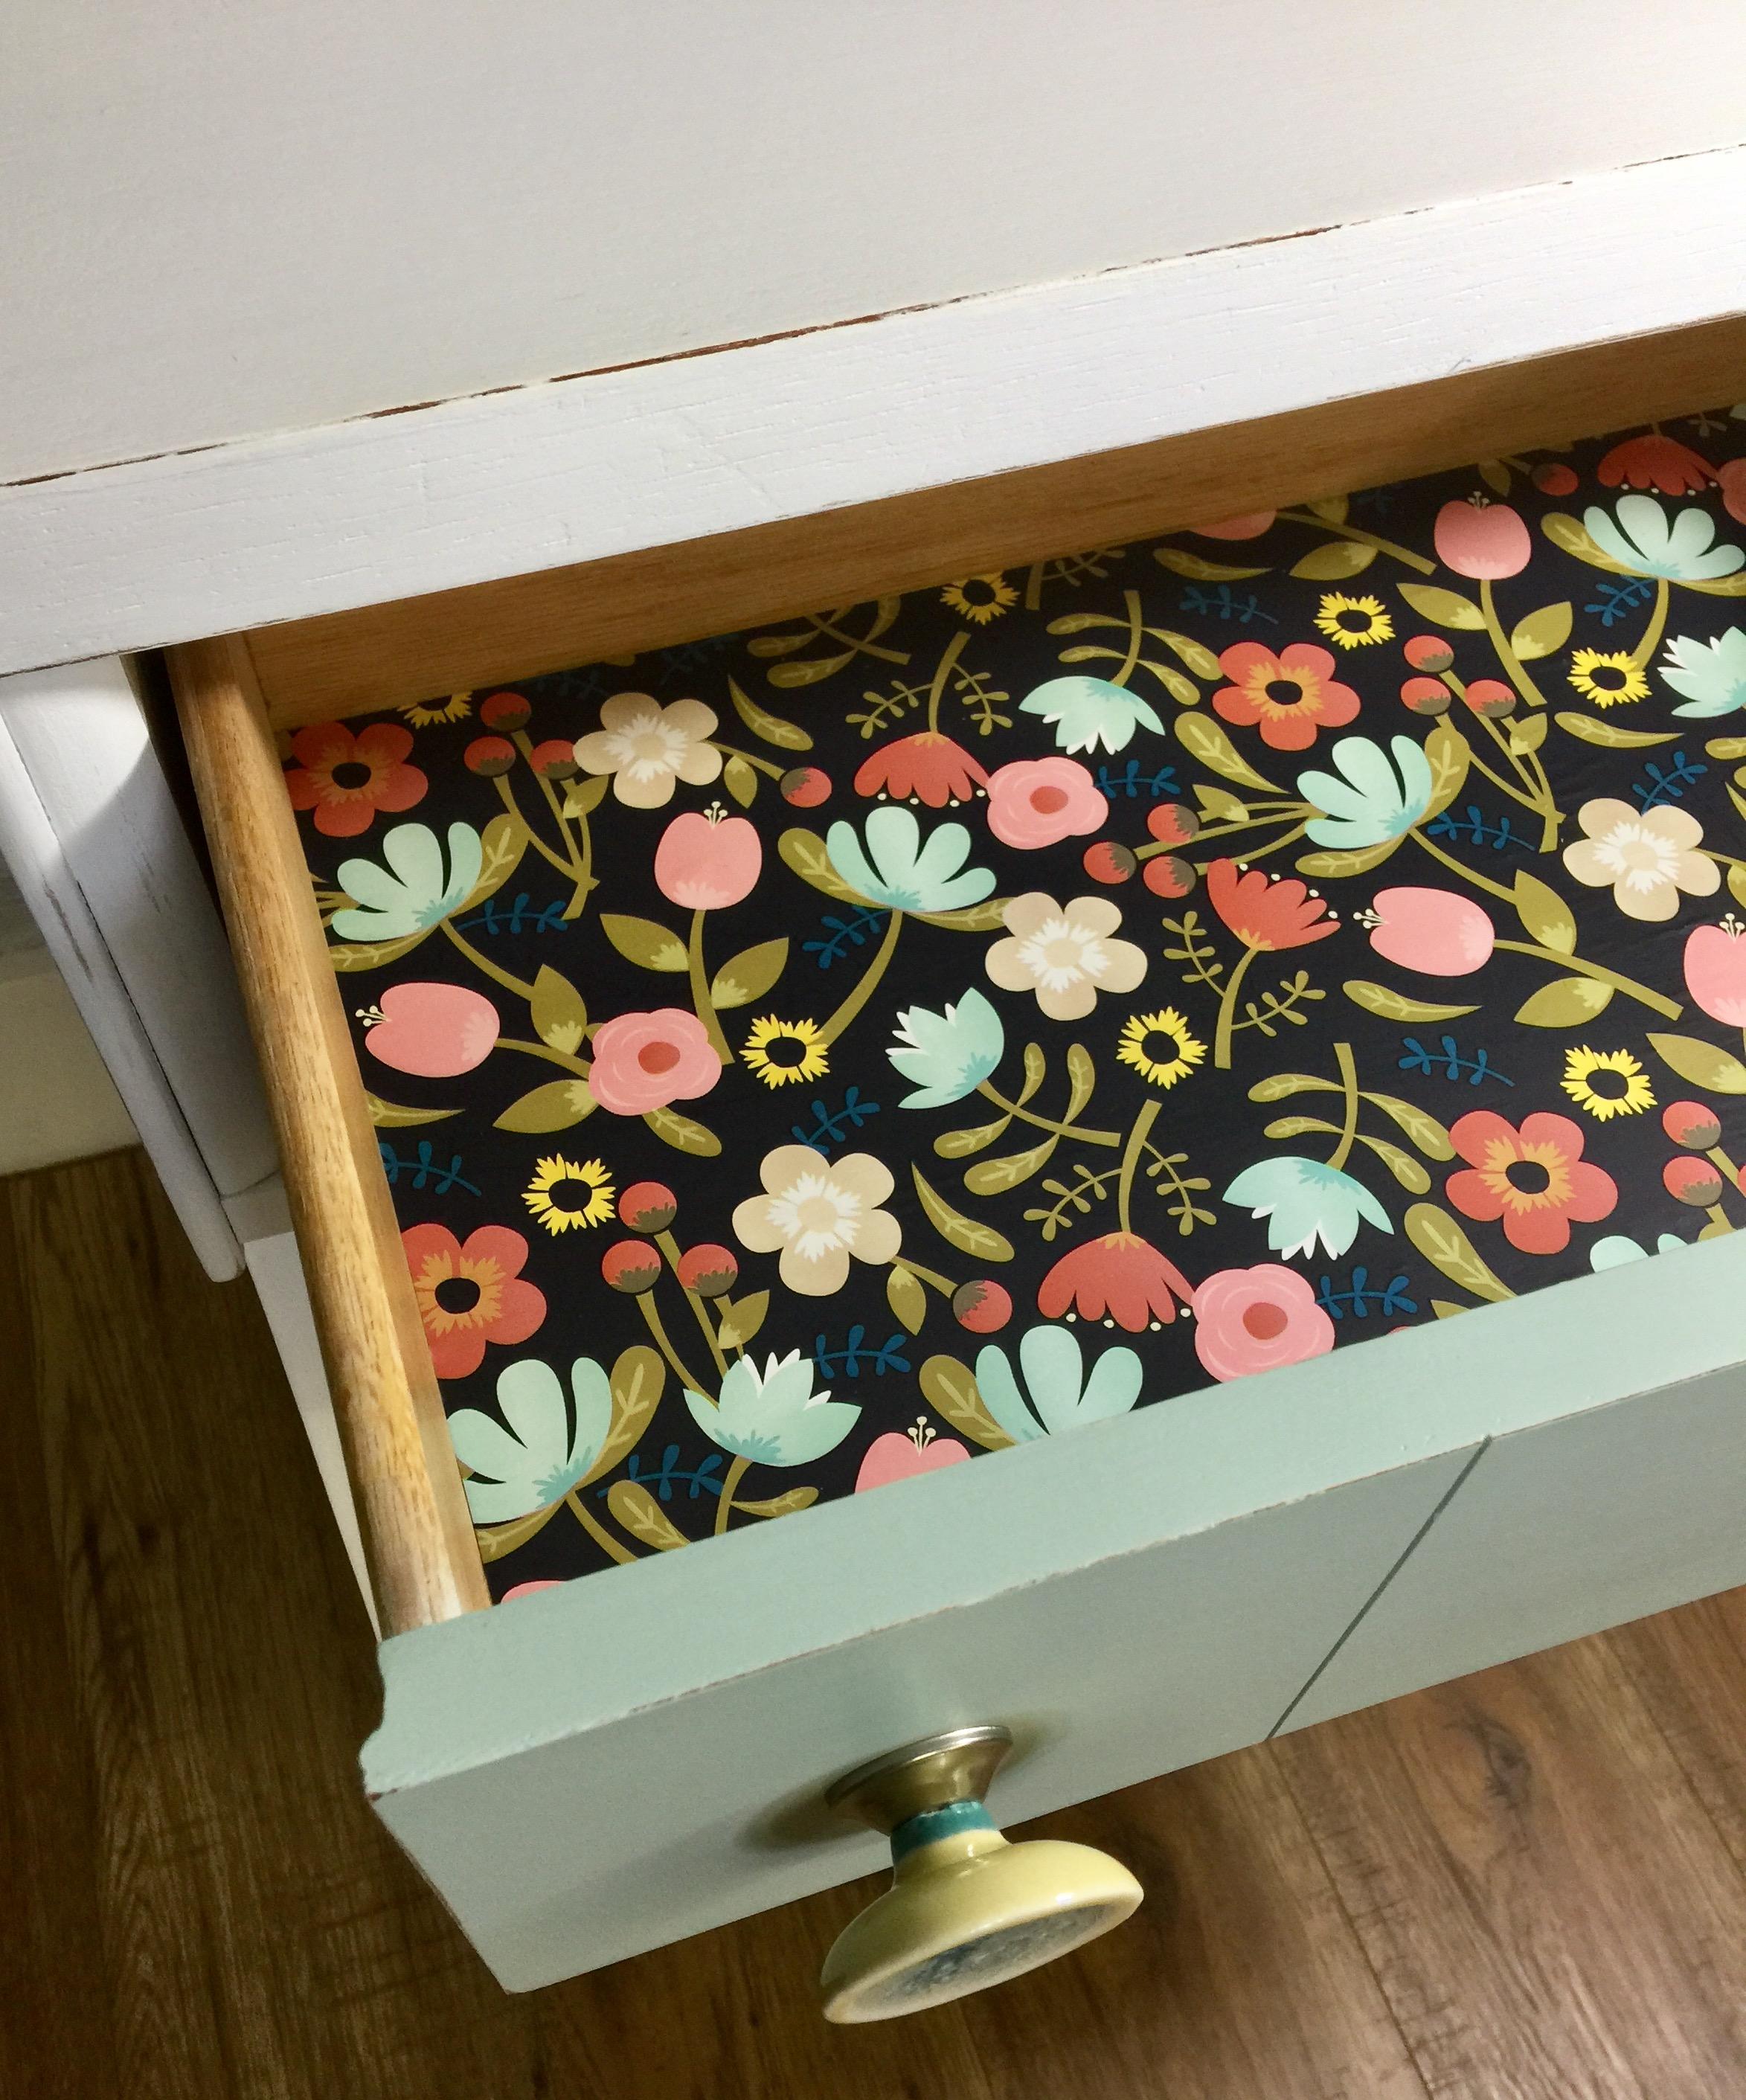 mcm nightstand detail